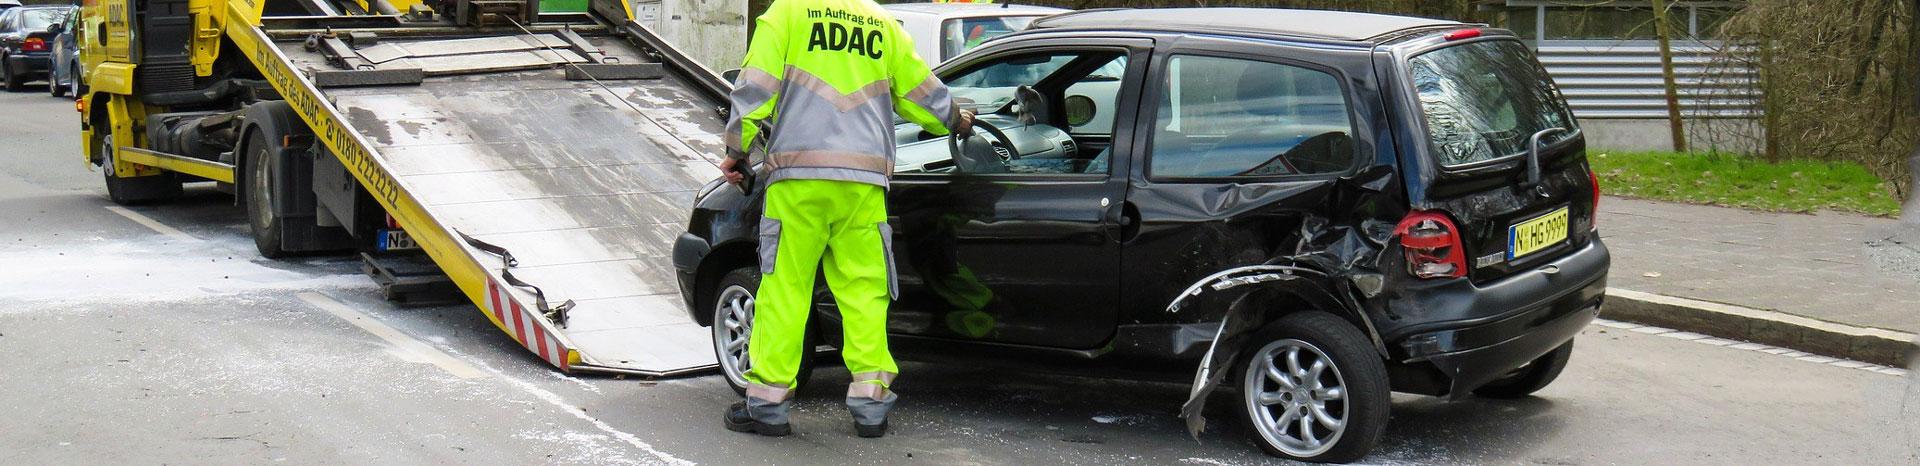 Verzekeraars willen 'zwarte doos' in auto's verplichten | LetselPro